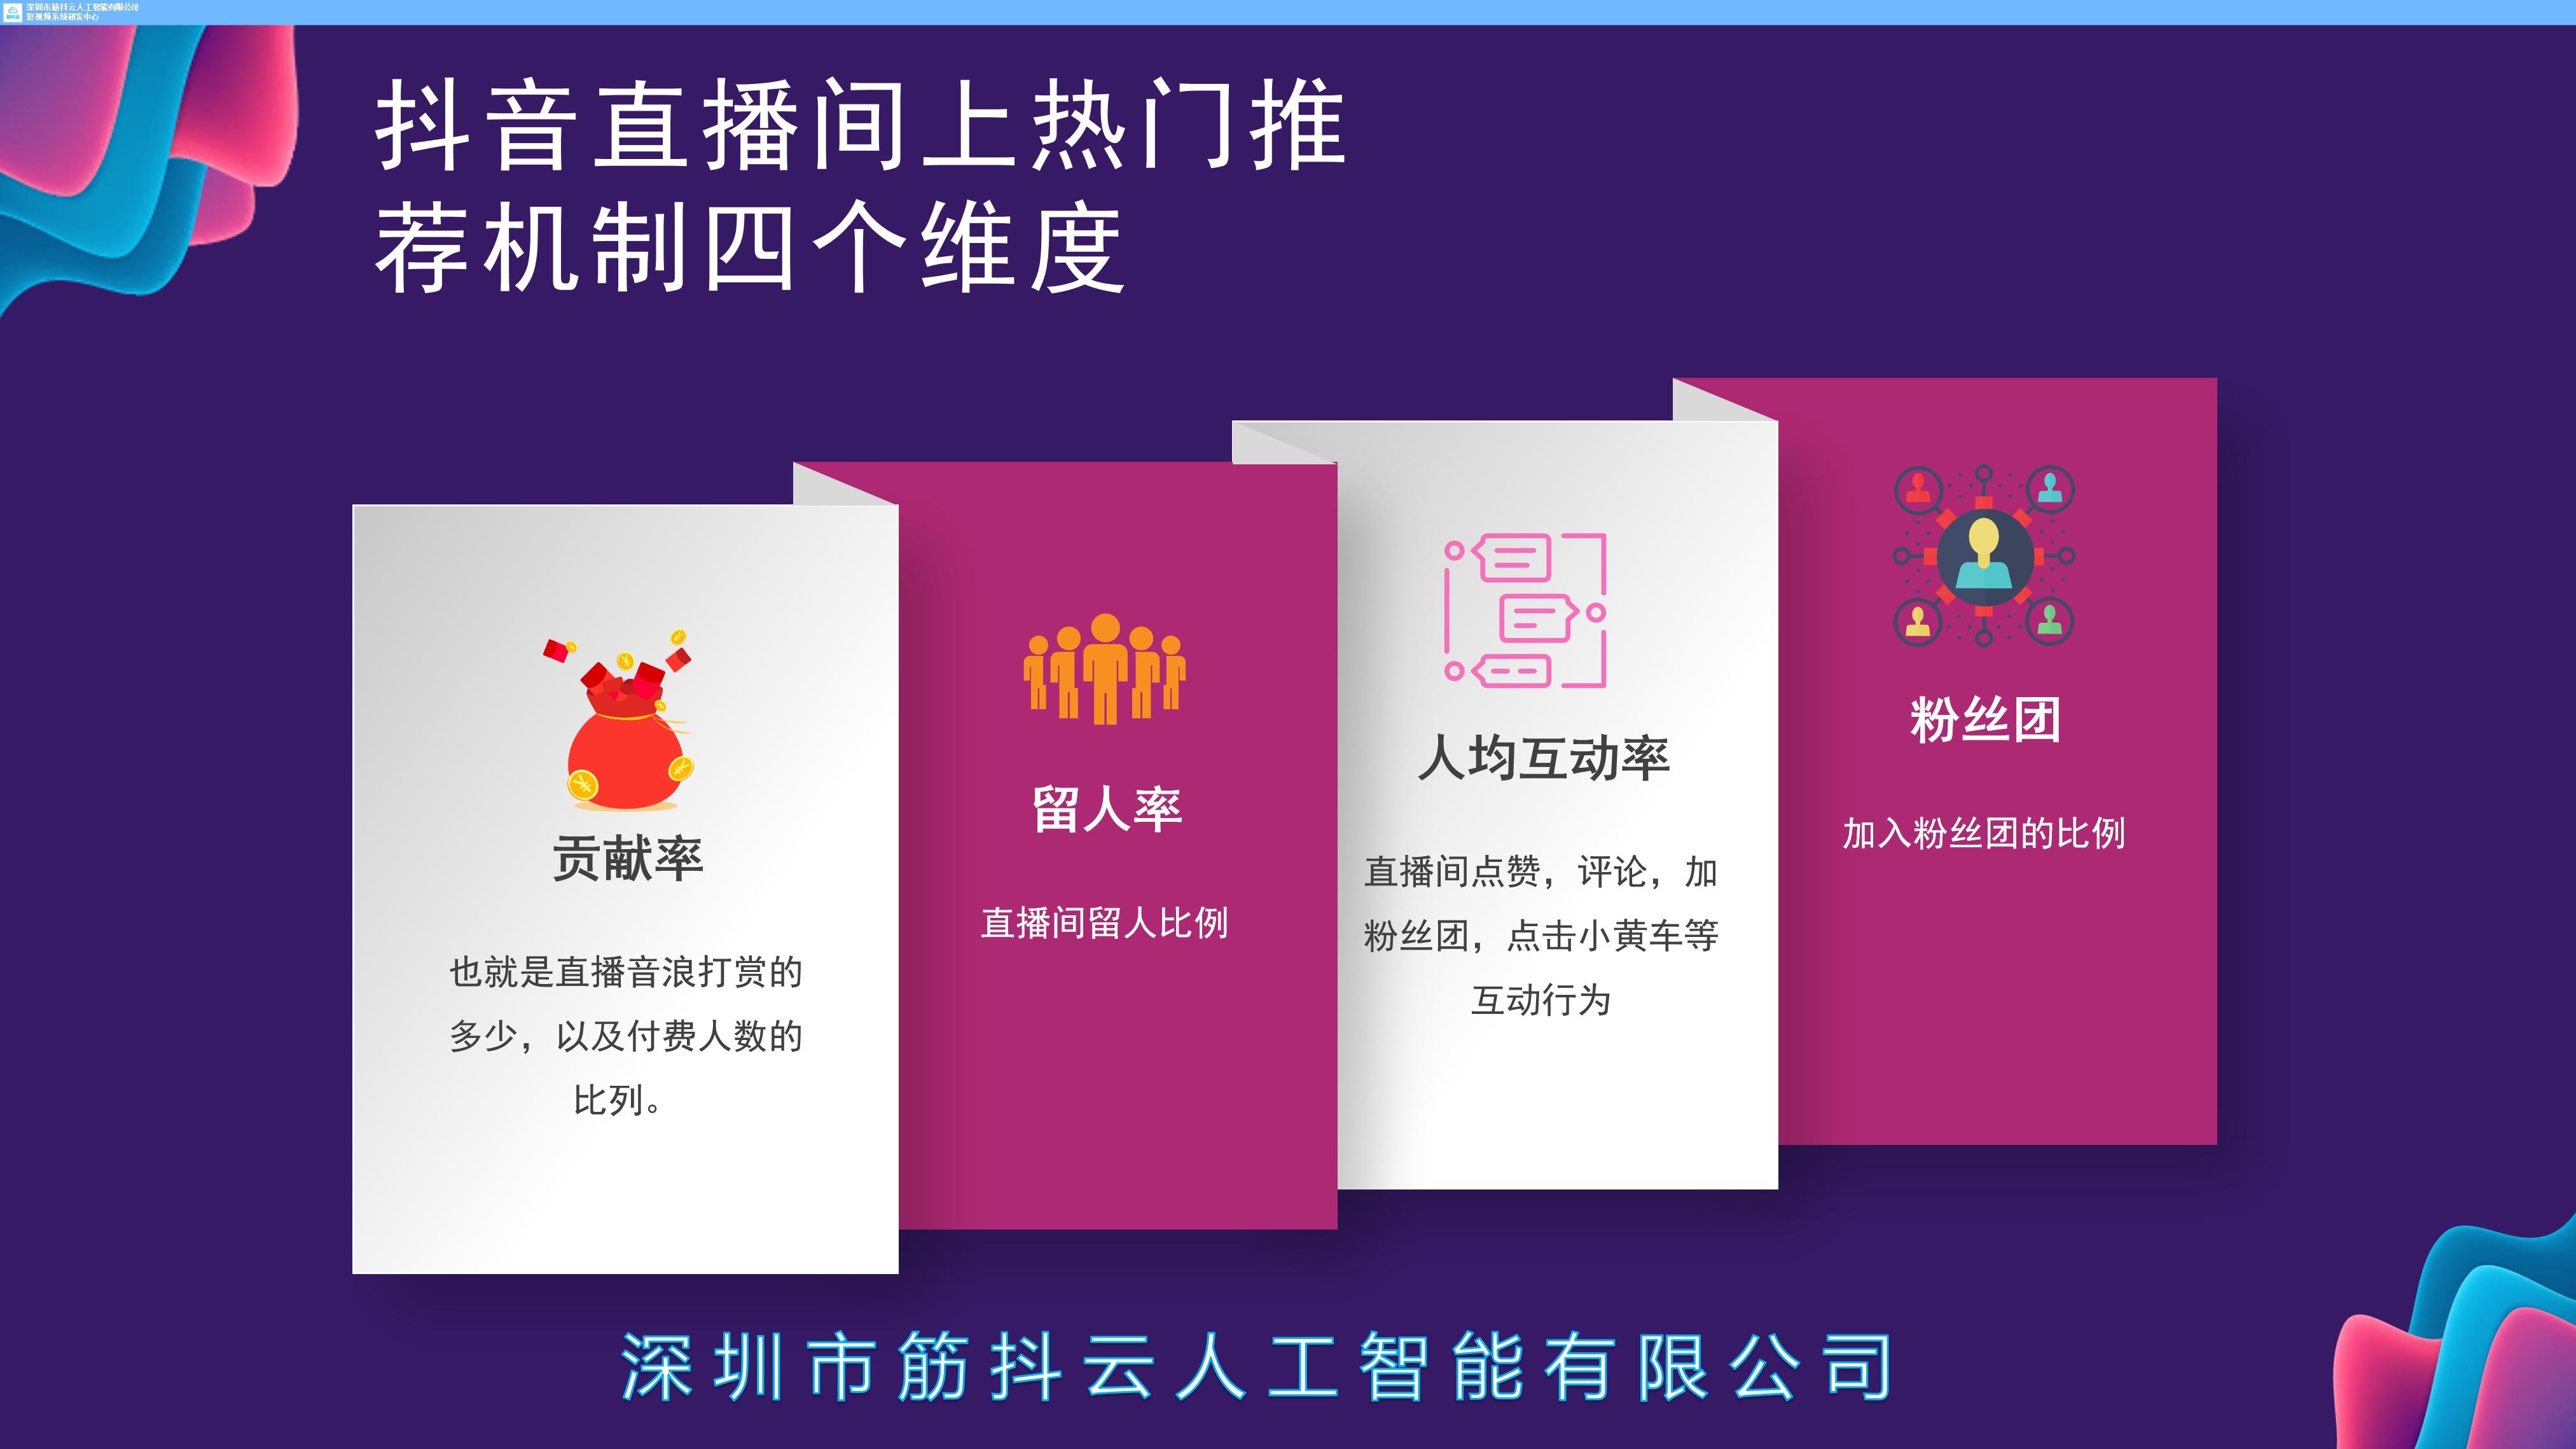 提供深圳市直播营销定位批发筋抖云人工智能供应